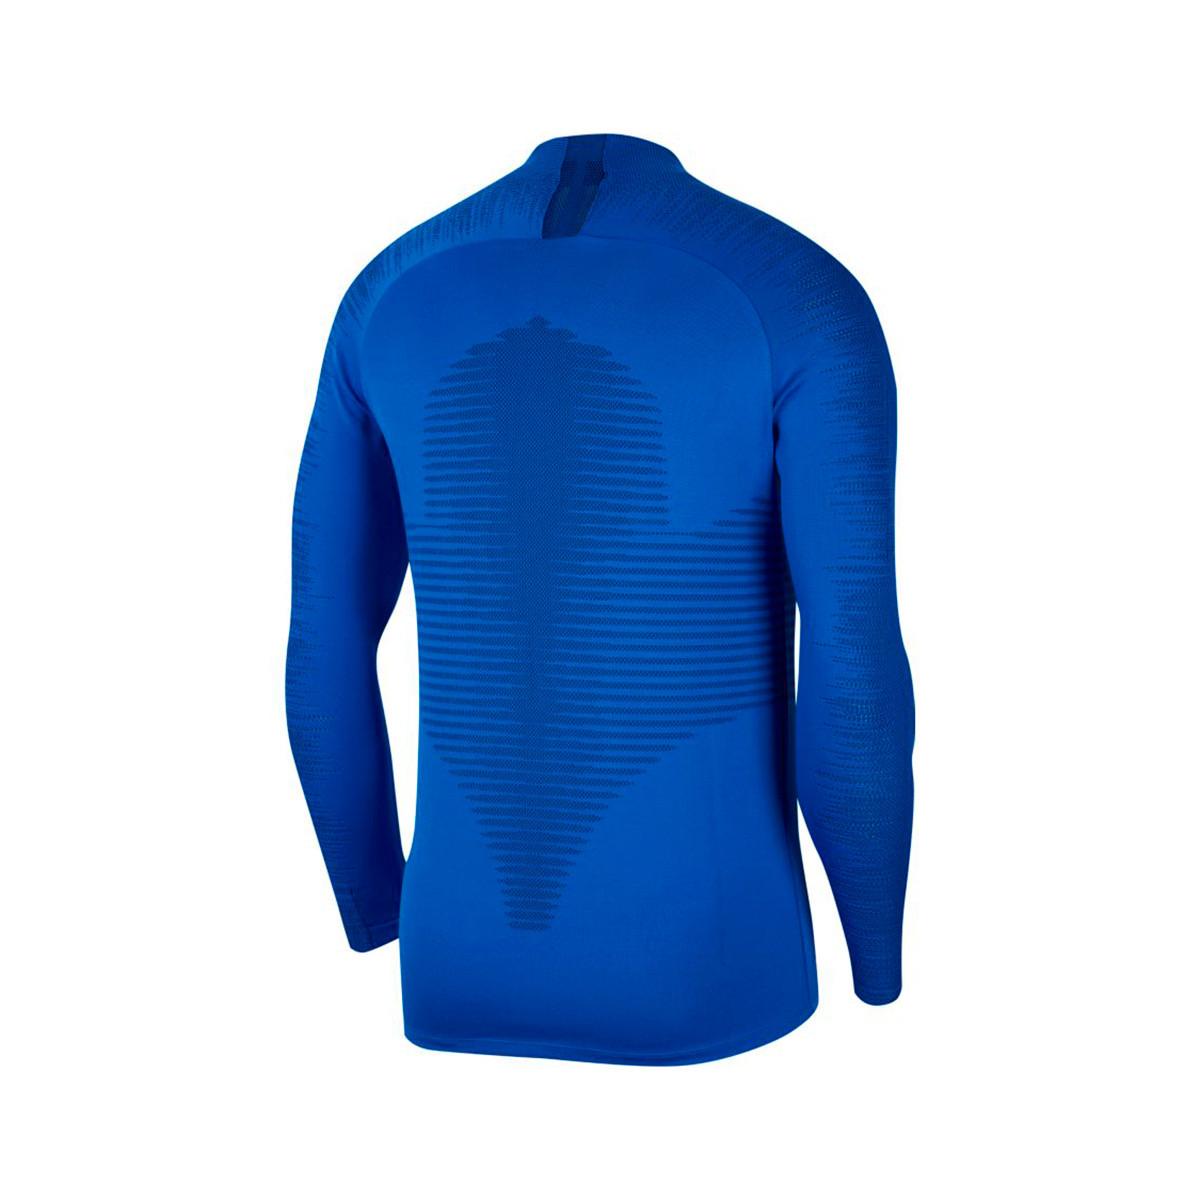 Sweatshirt Nike Chelsea FC Vaporknit